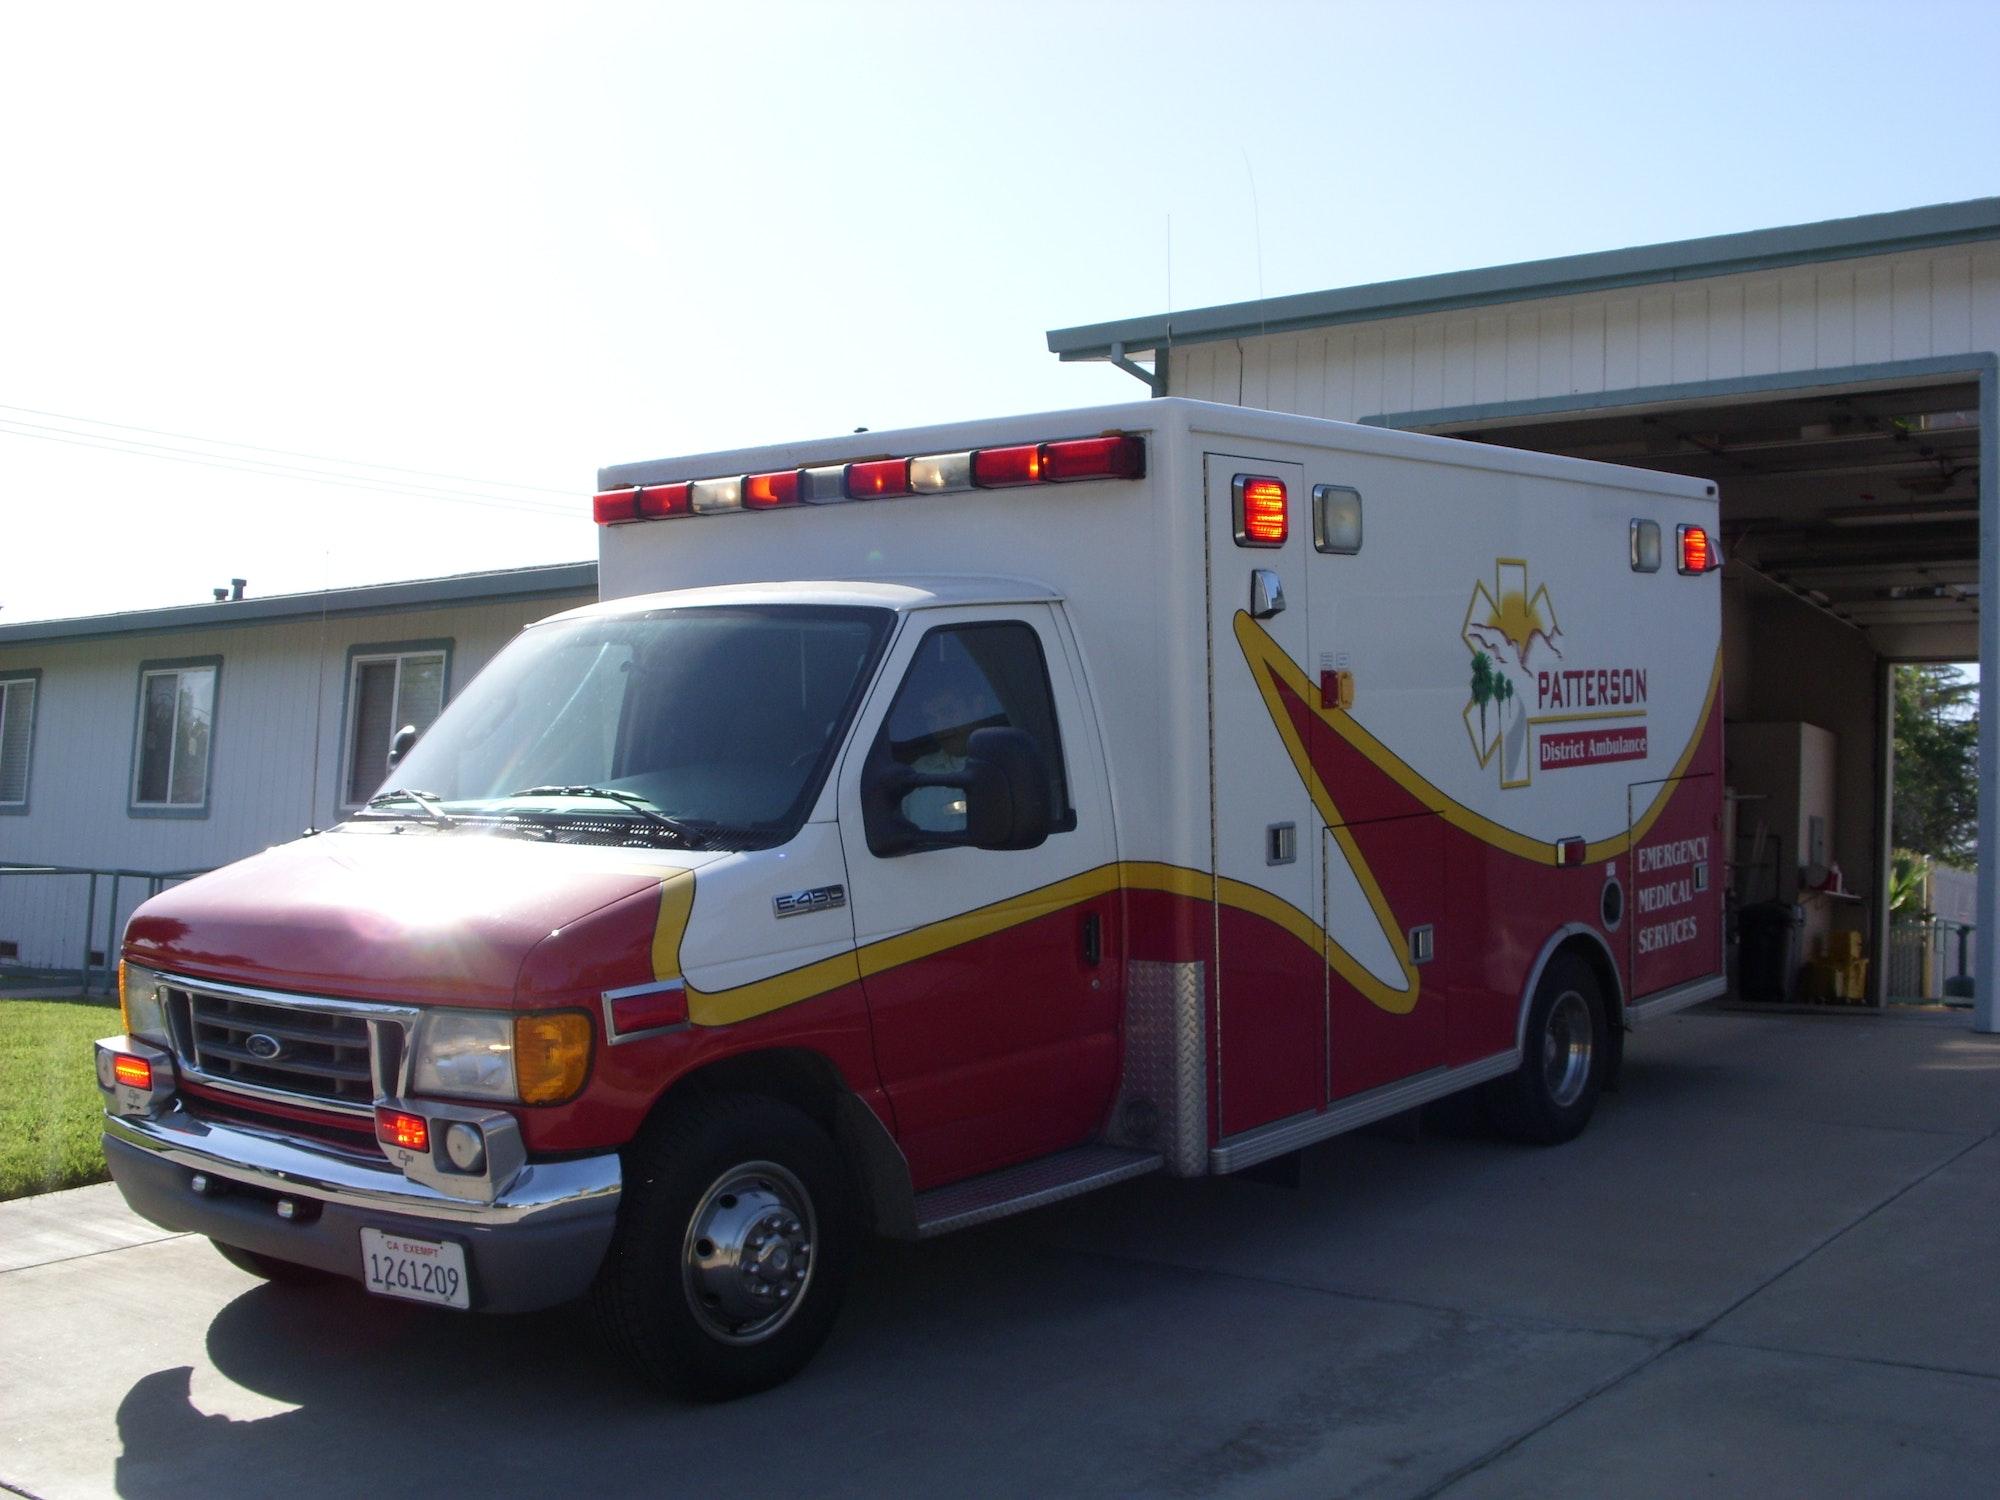 Patterson District Ambulance